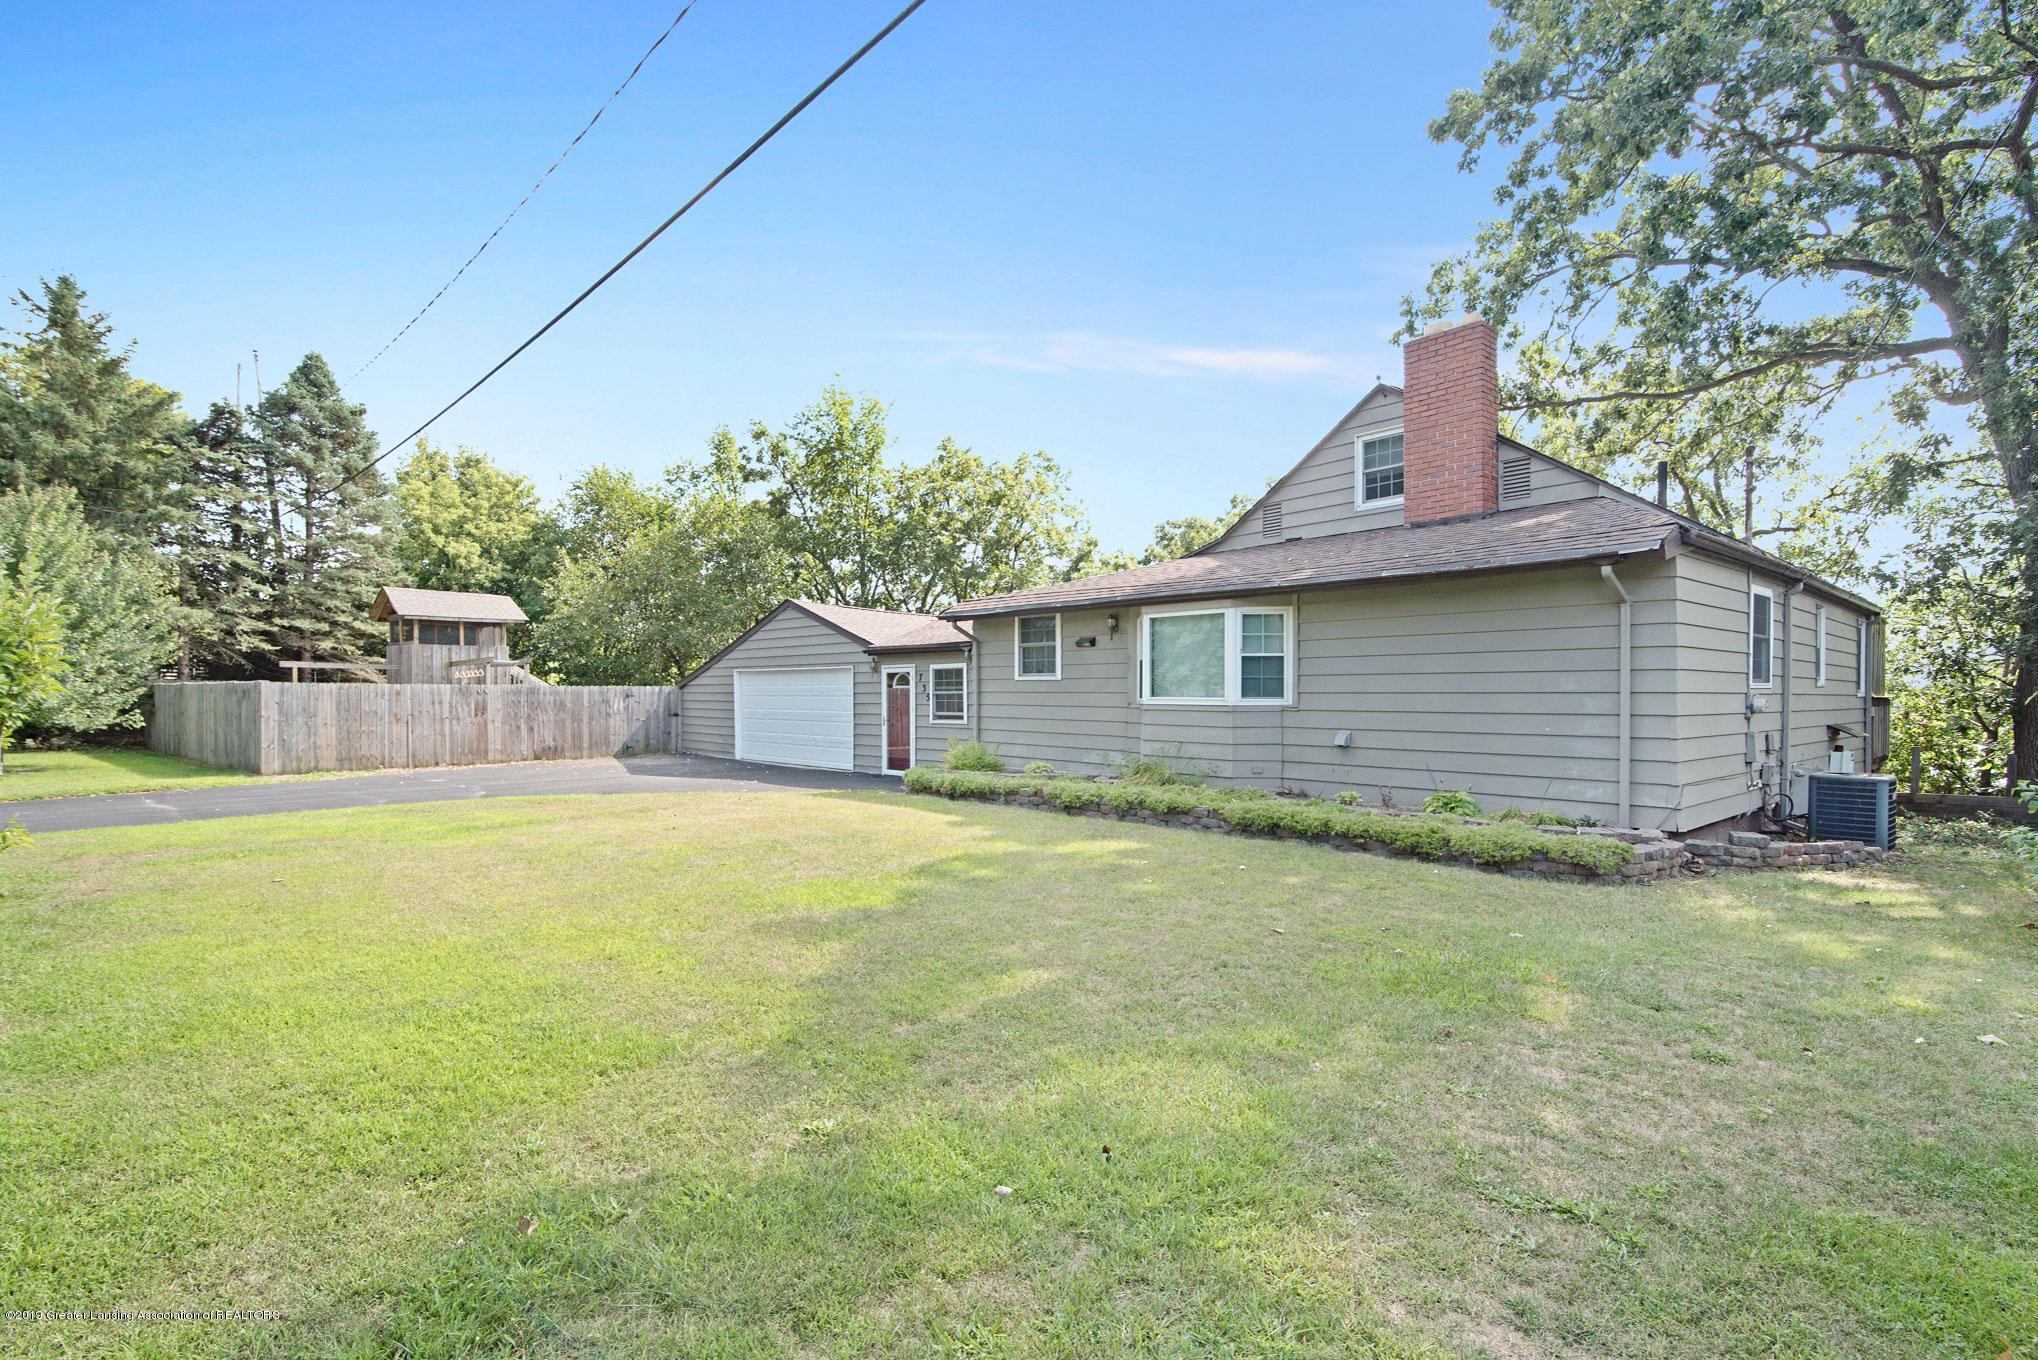 735 S Cloverhill Rd - Photo-Aug-16,-4-04-50-PM - 24